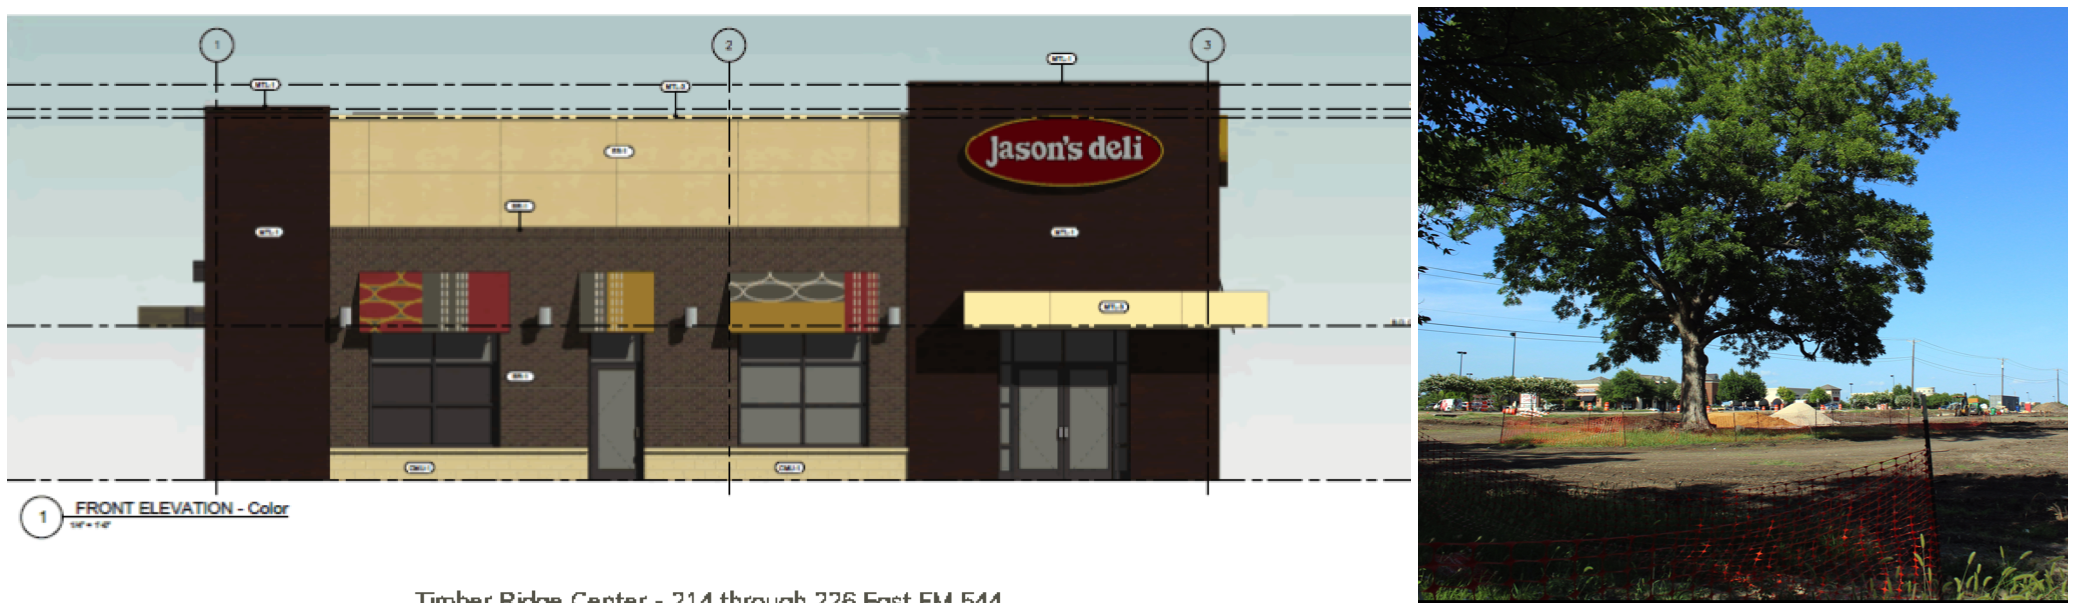 Timber Ridge Center will include Jason's Deli